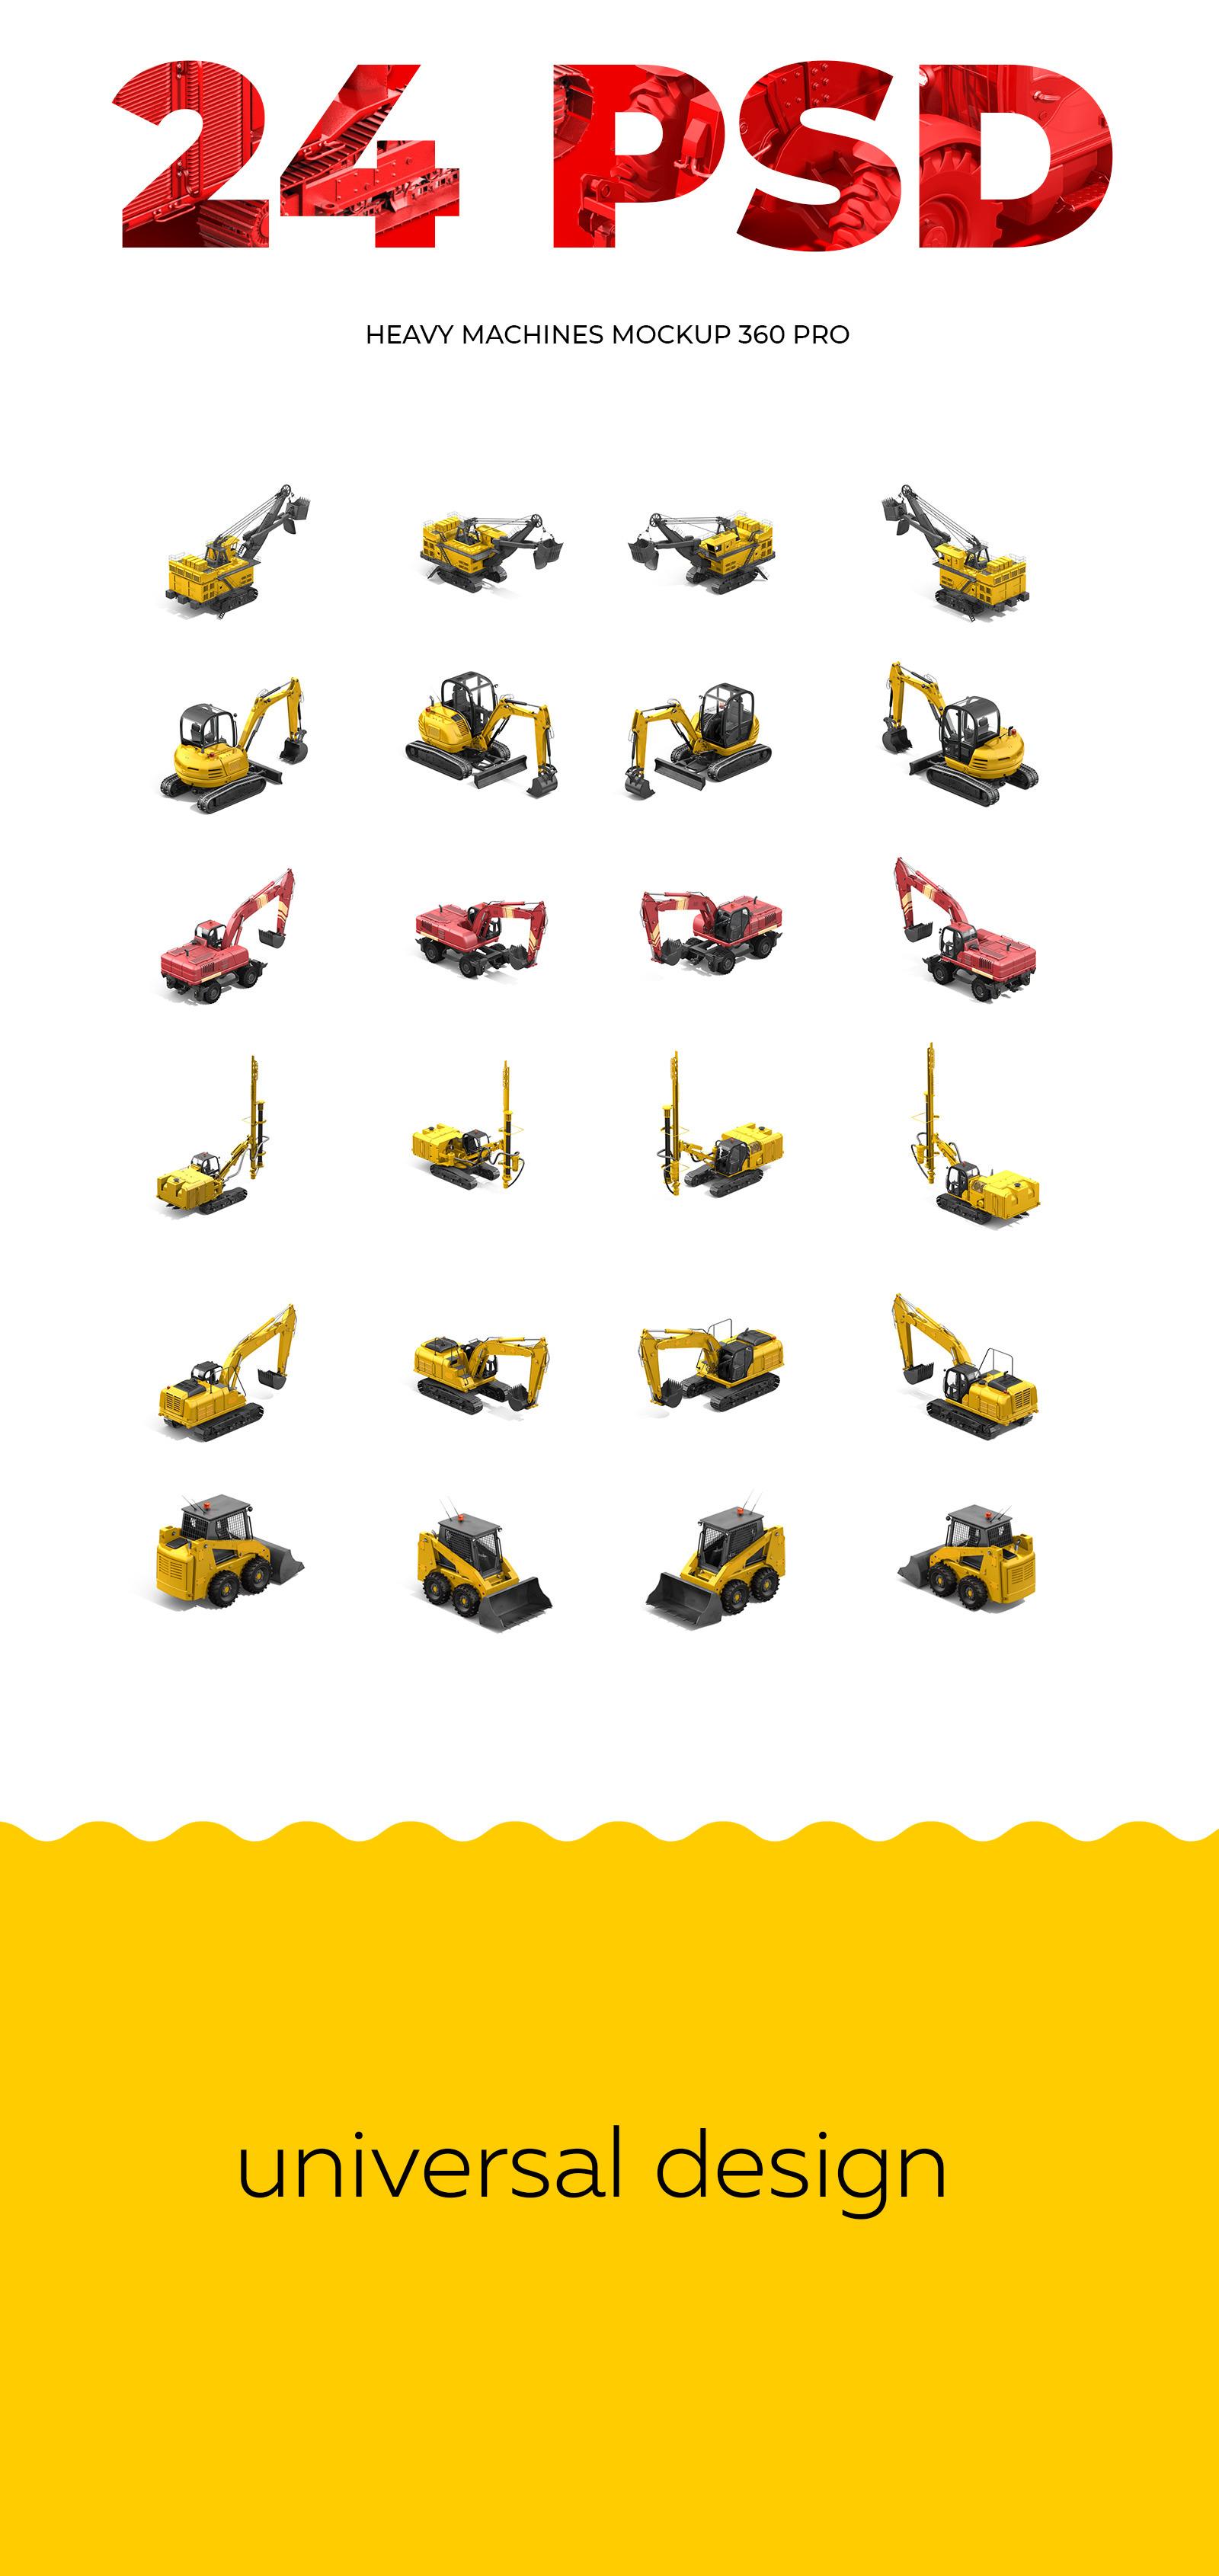 PSD Heavy Machines Mockup 360 PRO #03